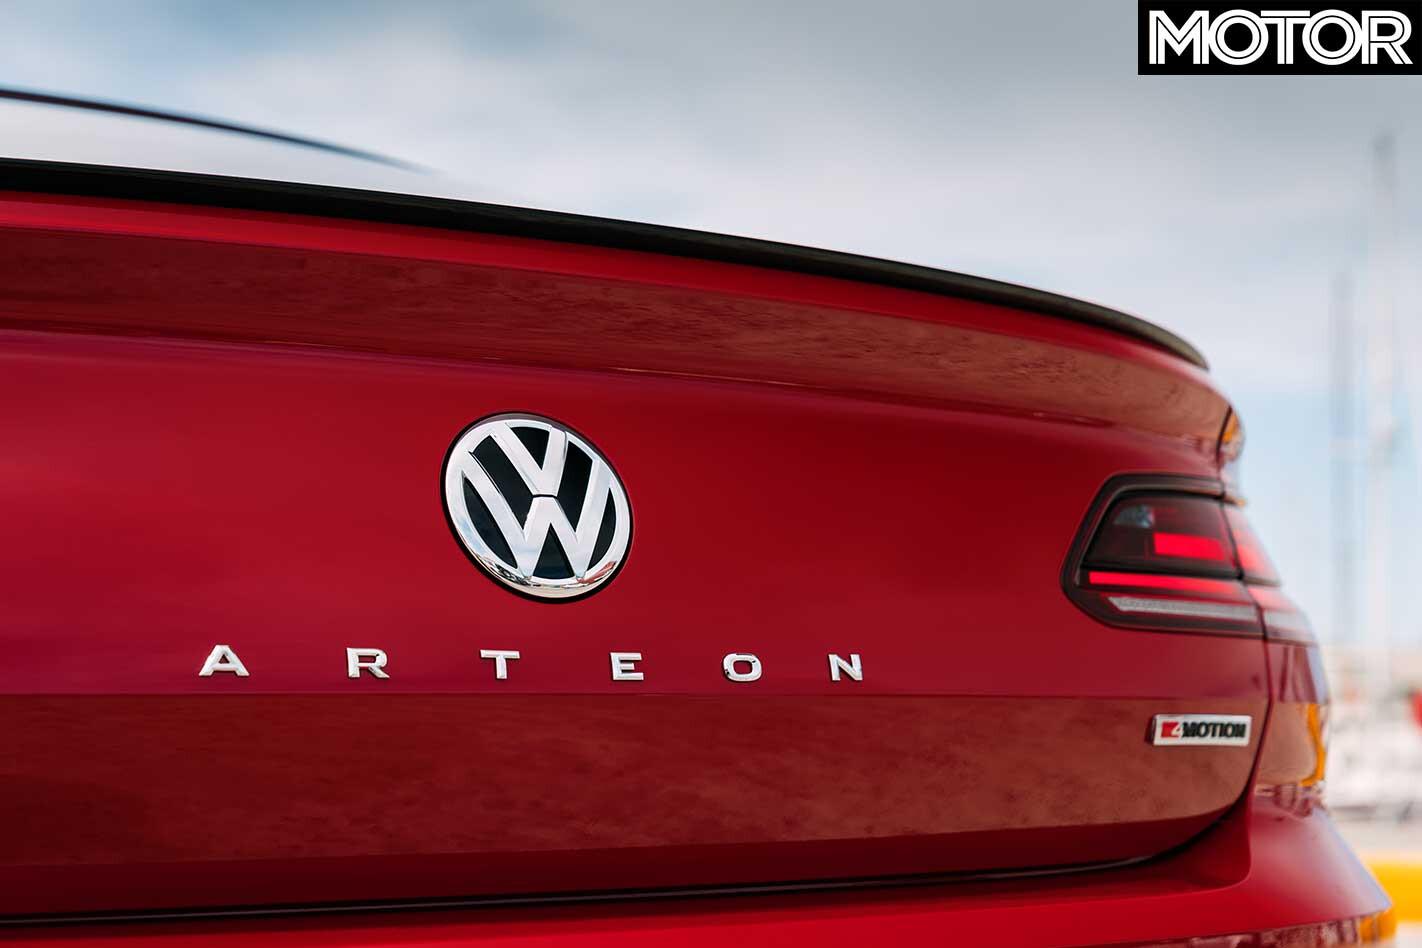 Volkswagen Arteon Jpg